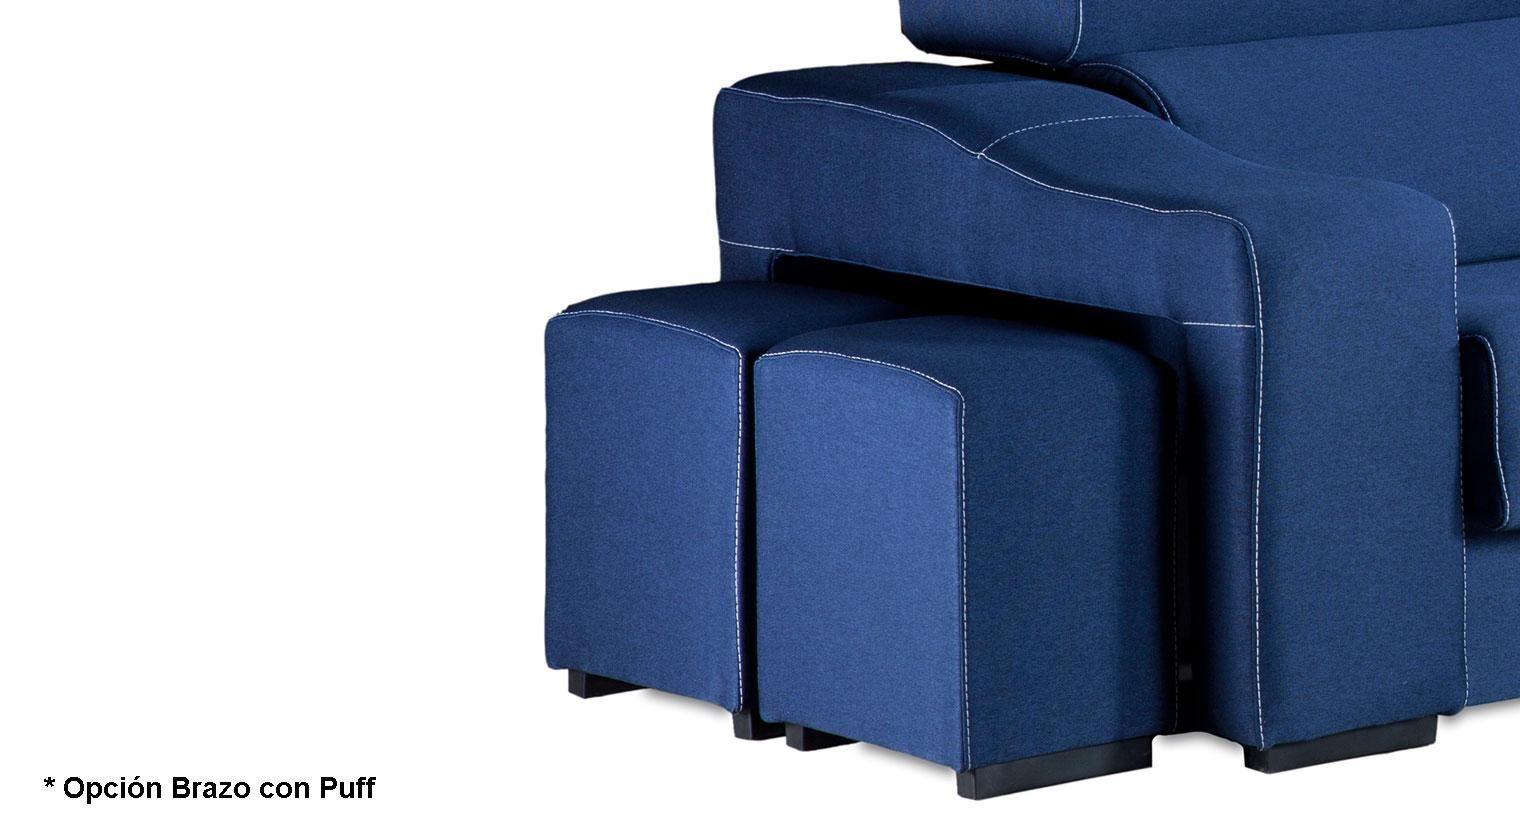 Comprar chaise longue bilbo sofa 4 plazas ecolipiel chekko for Chaise longue 4 plazas baratos